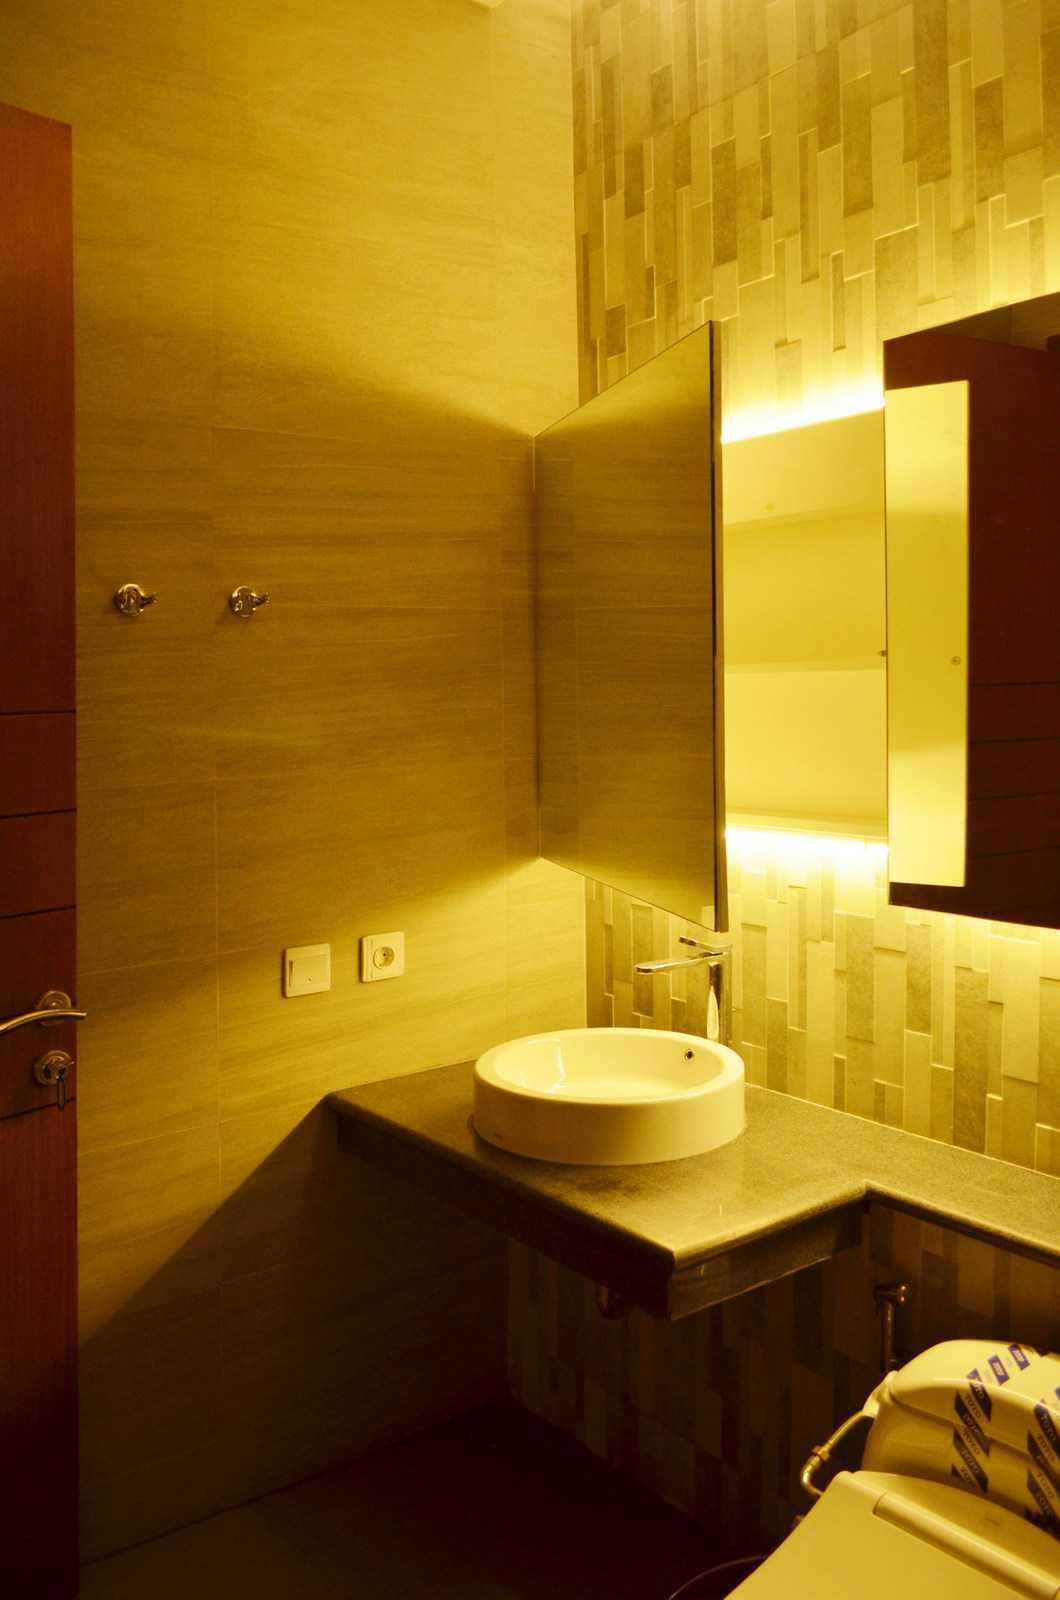 X3M Architects Nittaya A3 15 House Bsd Bsd Bathroom   25304